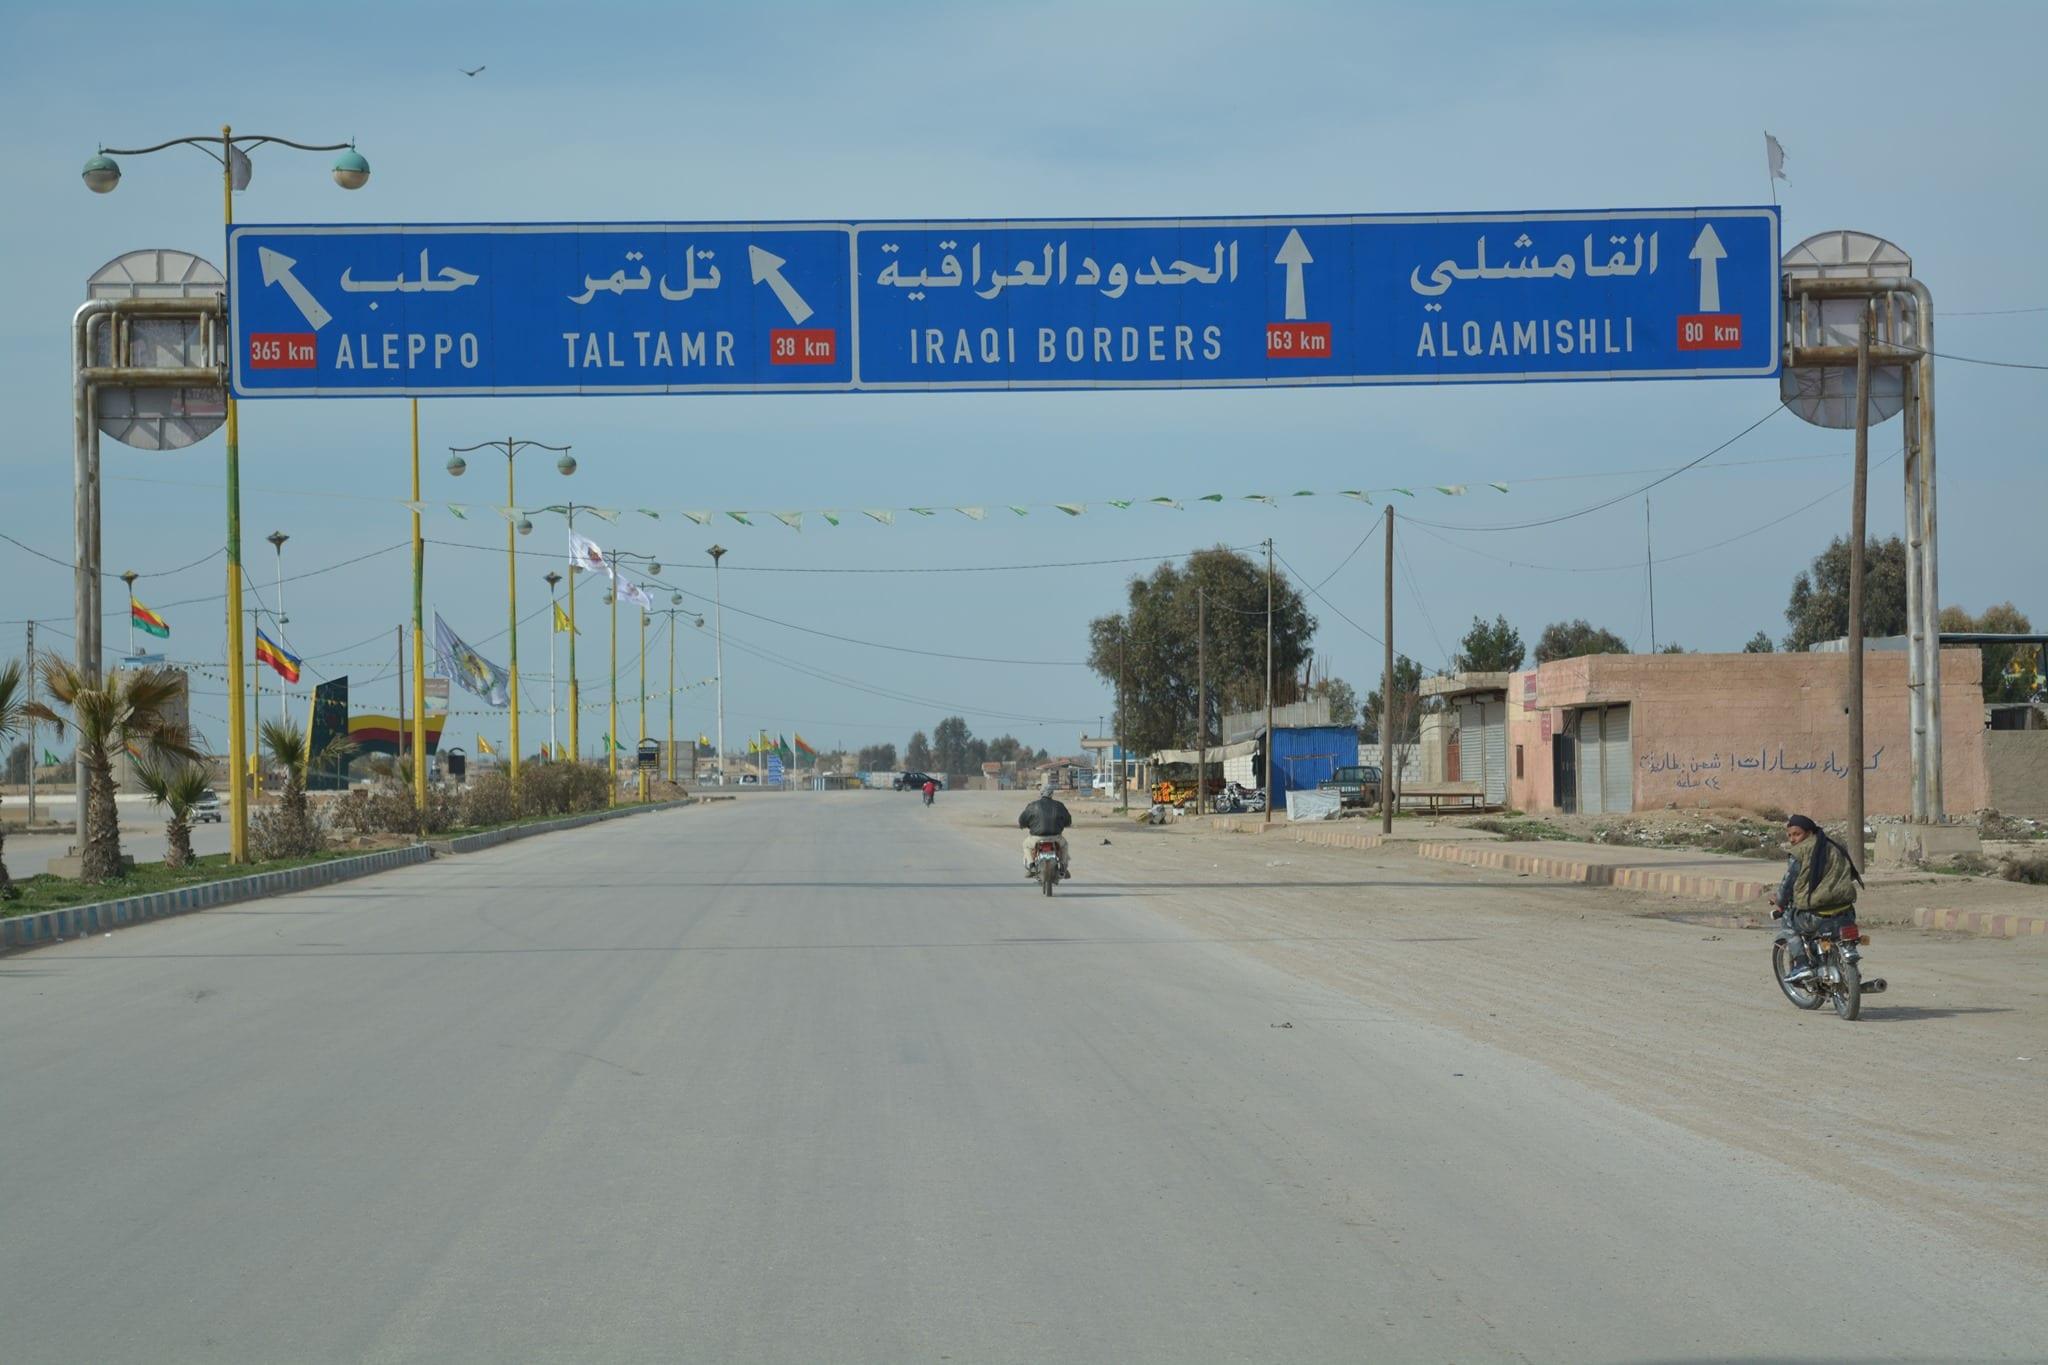 الإدارة الذاتية تسيطر على مركز بريد تابع لـ «الحكومة السوريّة» بريف الحسكة